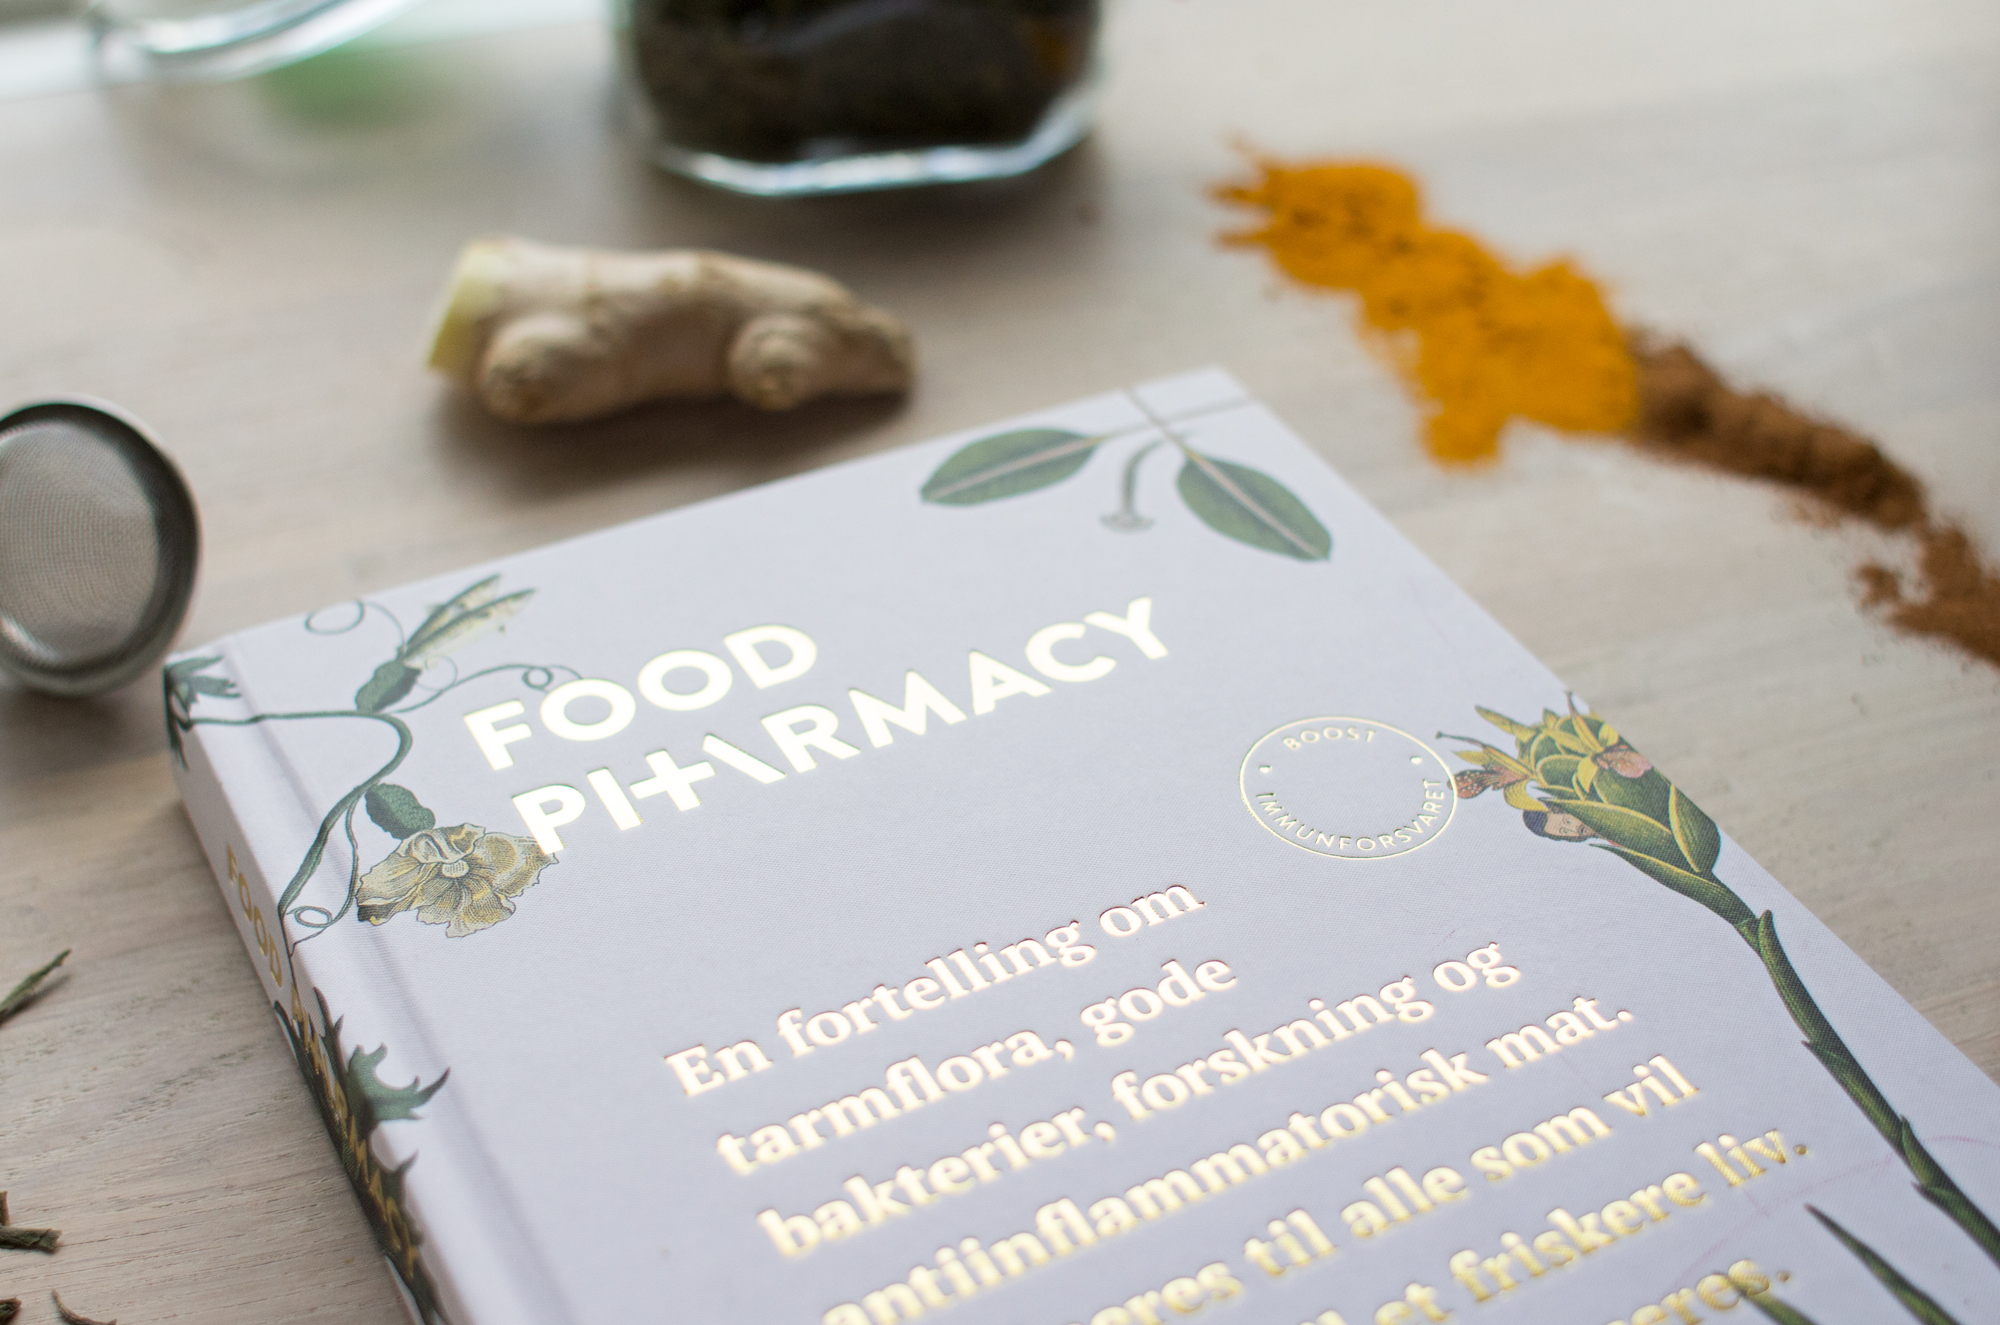 Magvennligmat_bokanmeldelse_foodpharmacy.jpg